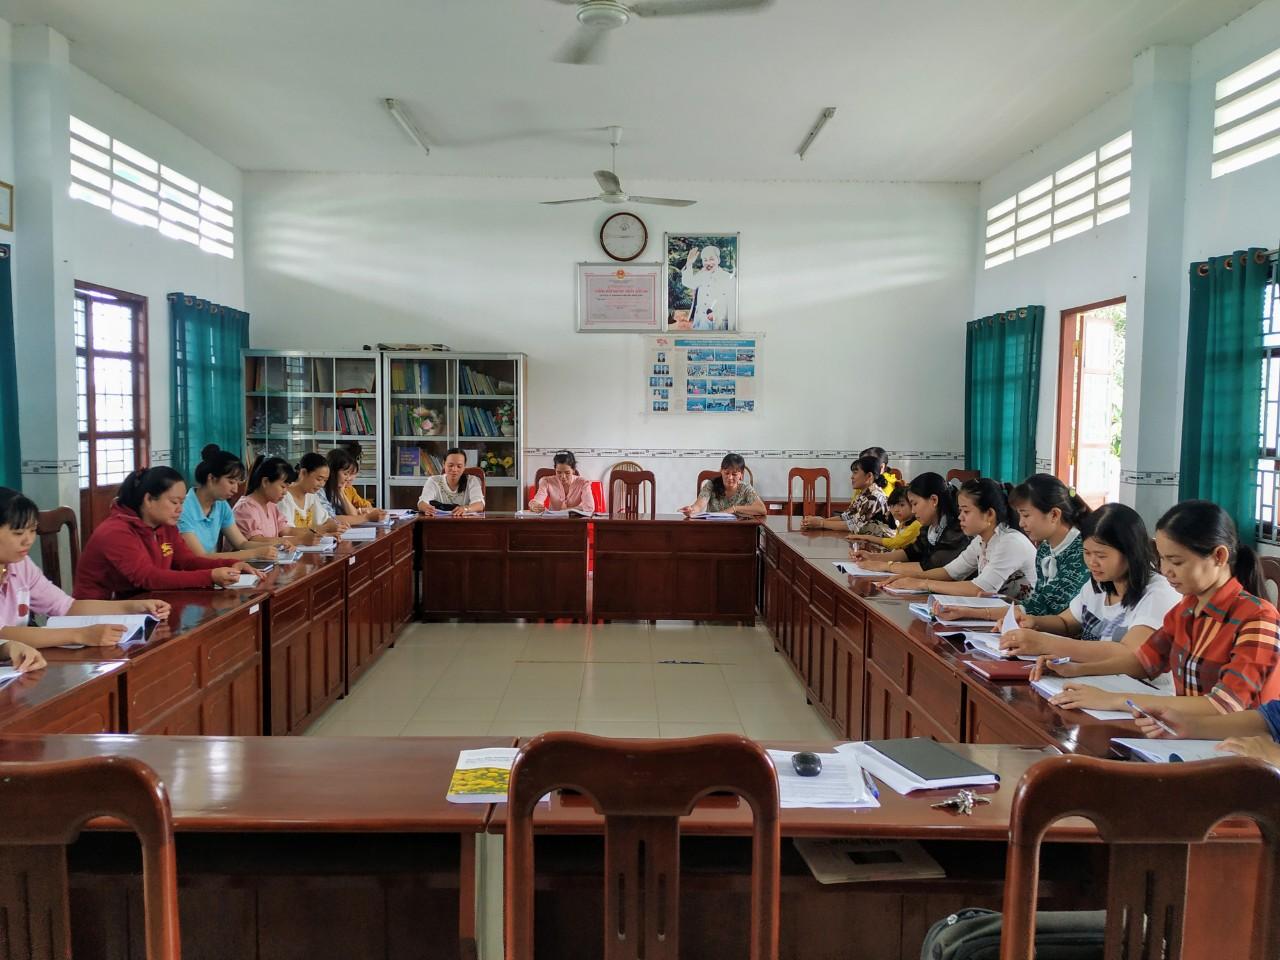 TRIEN KHAI DBTX 1